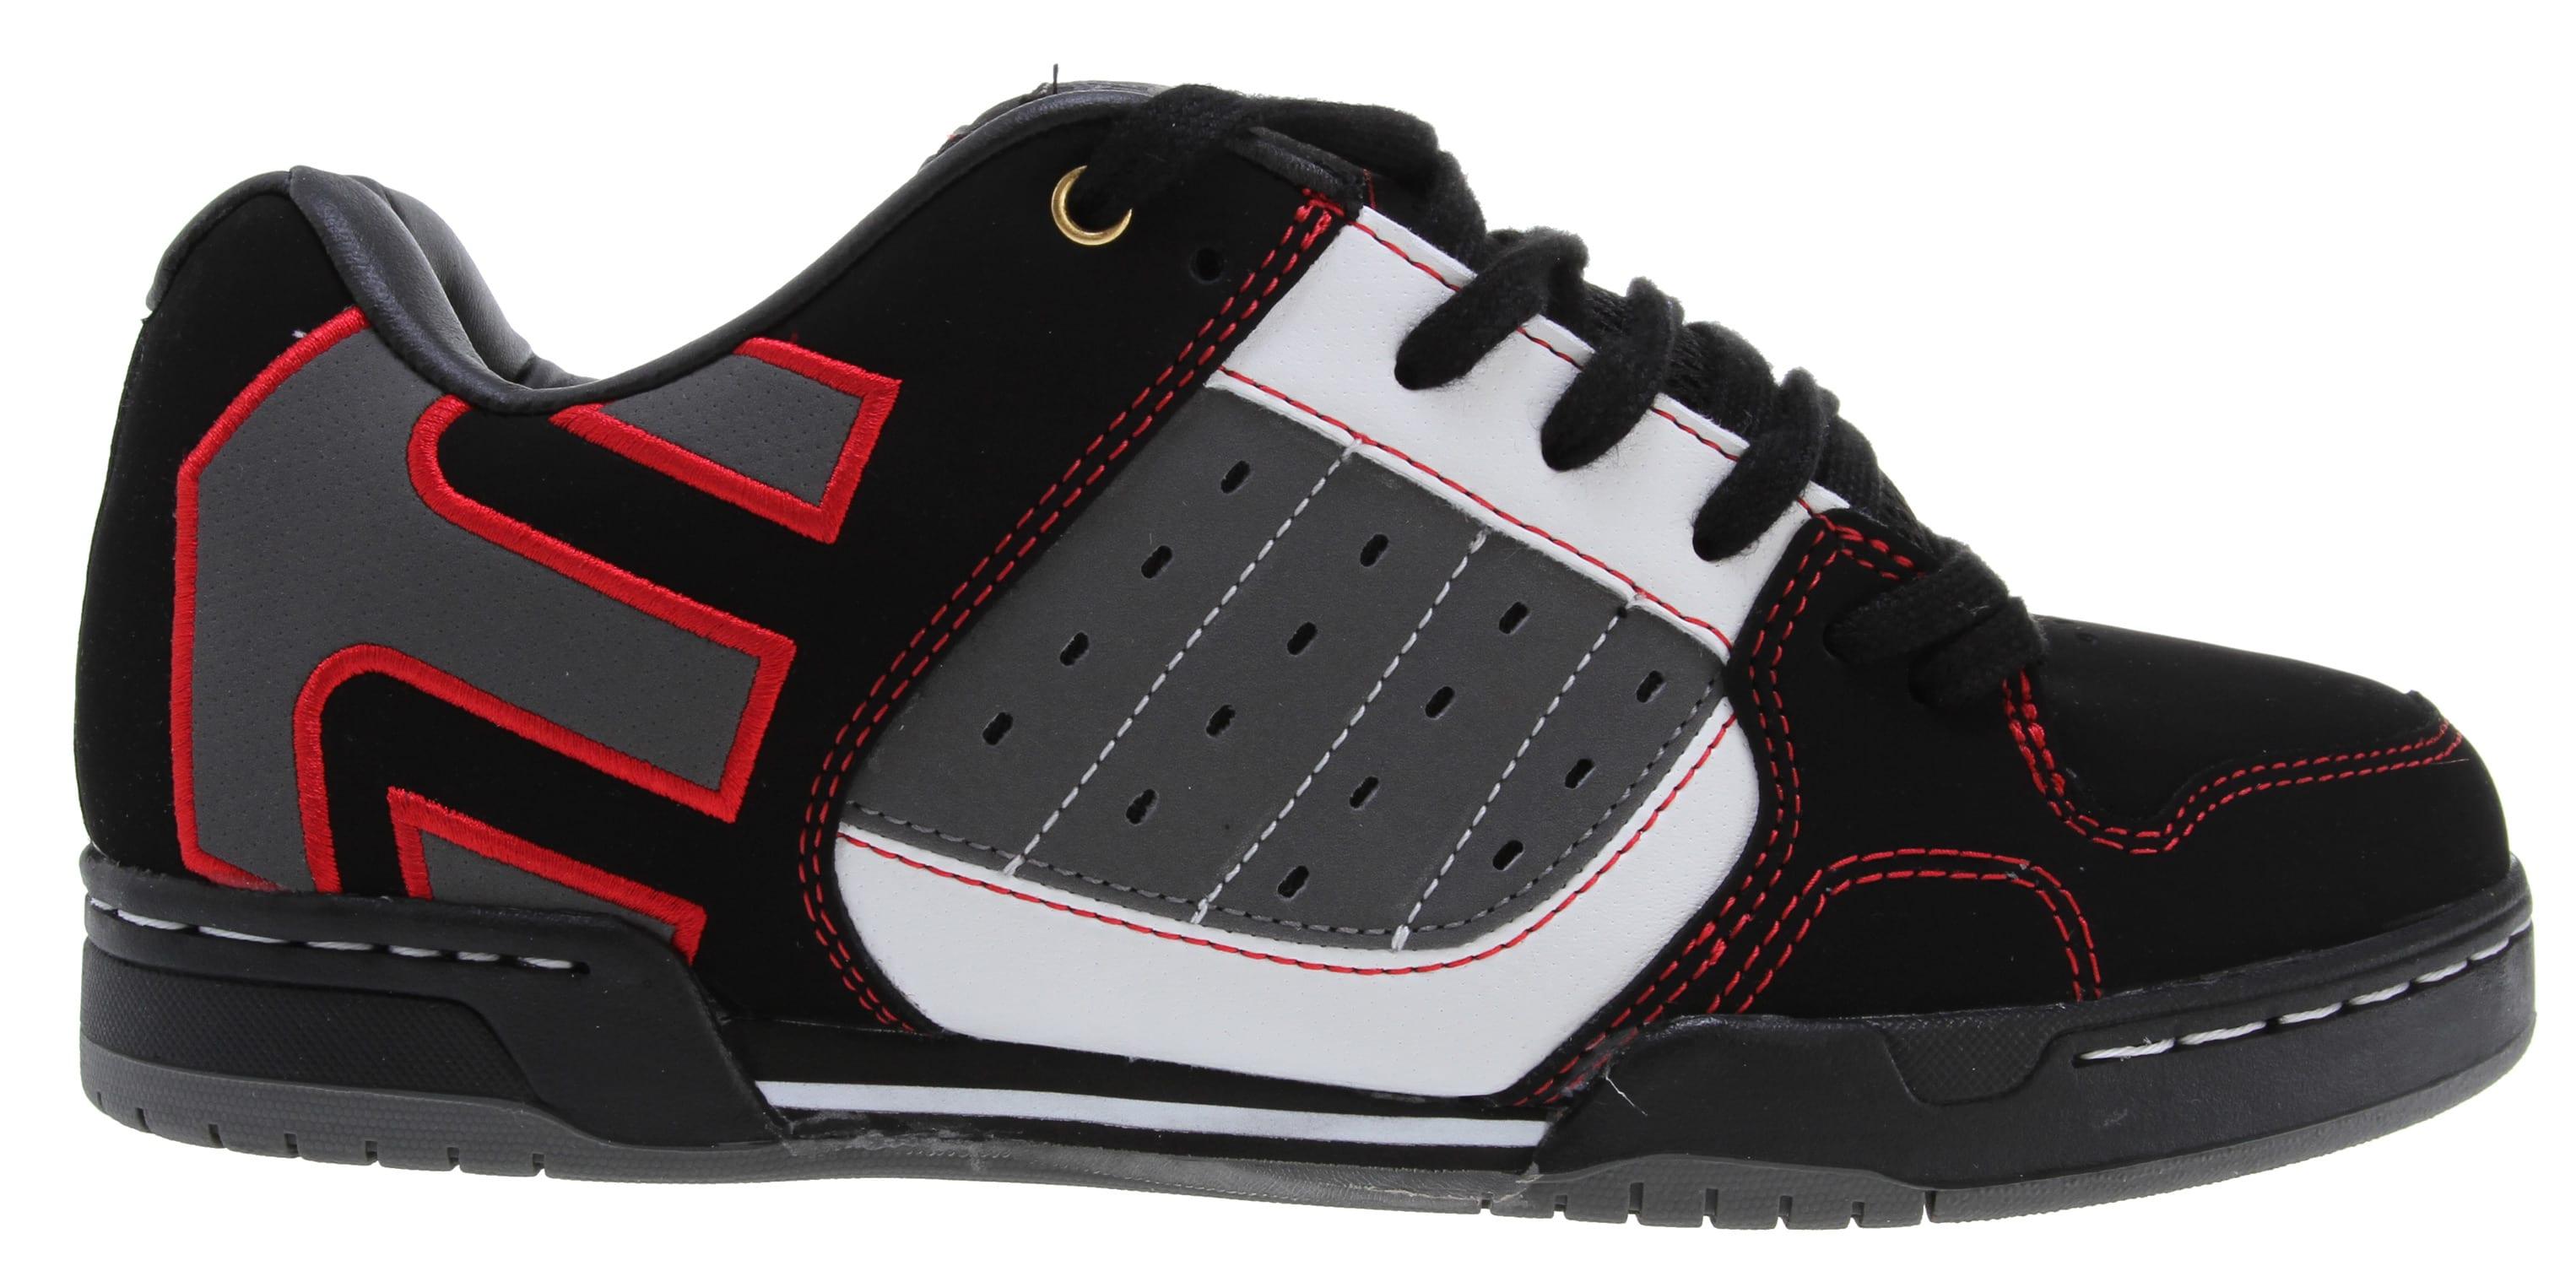 9d37abbb51b4 Etnies Piston LX Skate Shoes - thumbnail 1